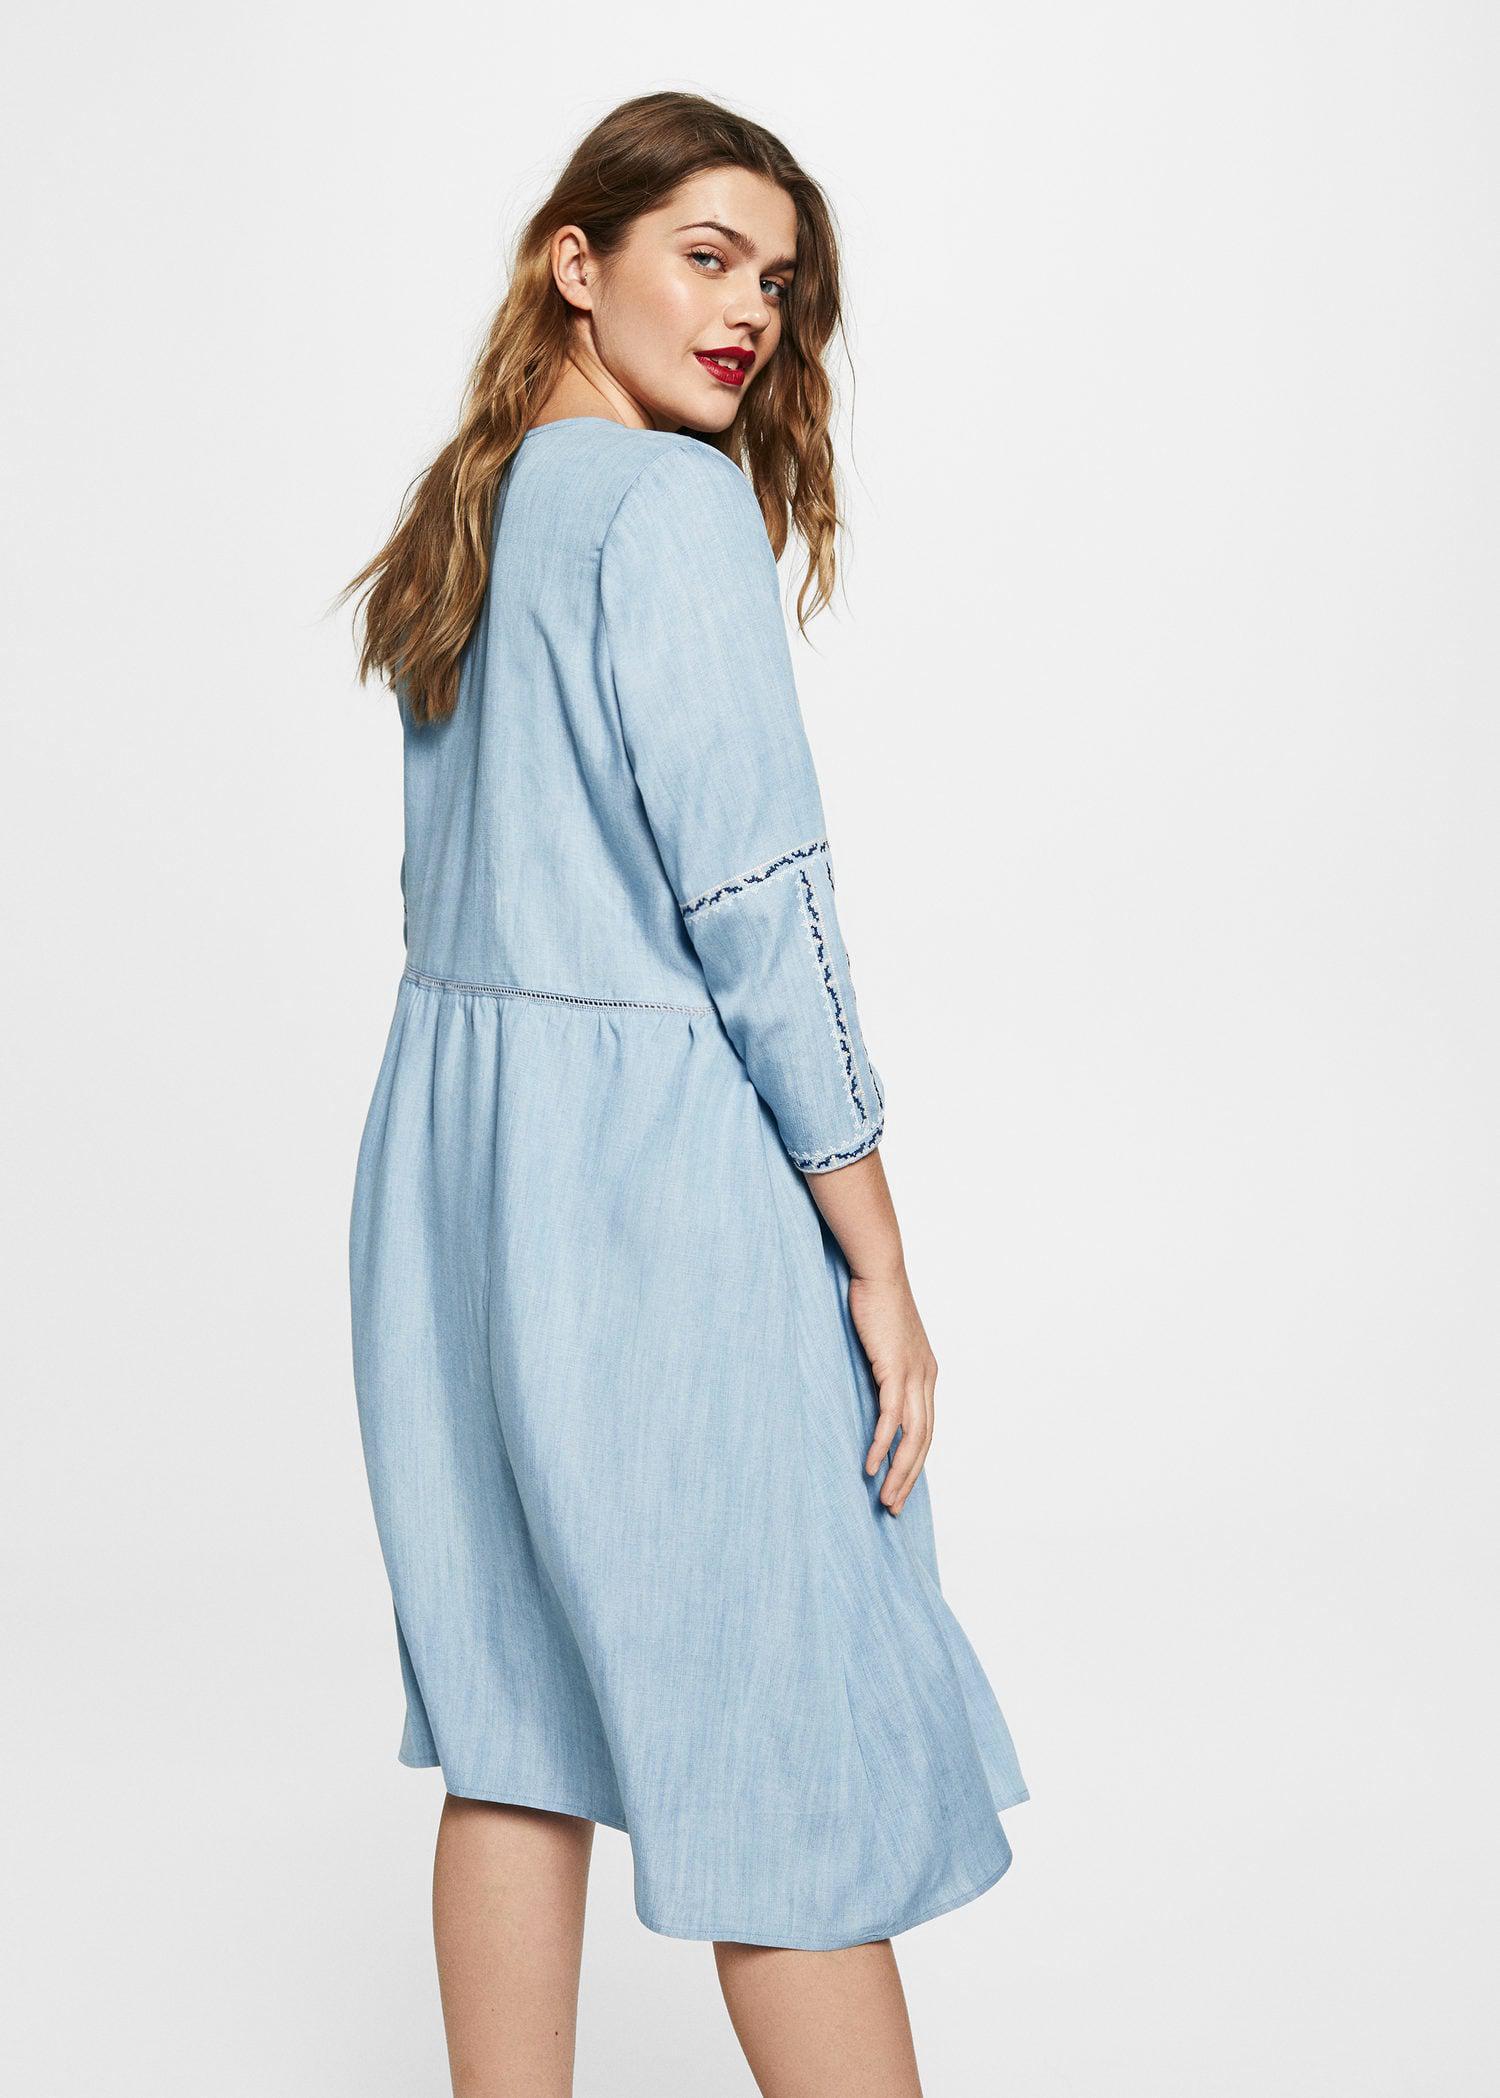 3ae5ed57b56 Violeta by Mango Embroidered Denim Dress in Blue - Lyst